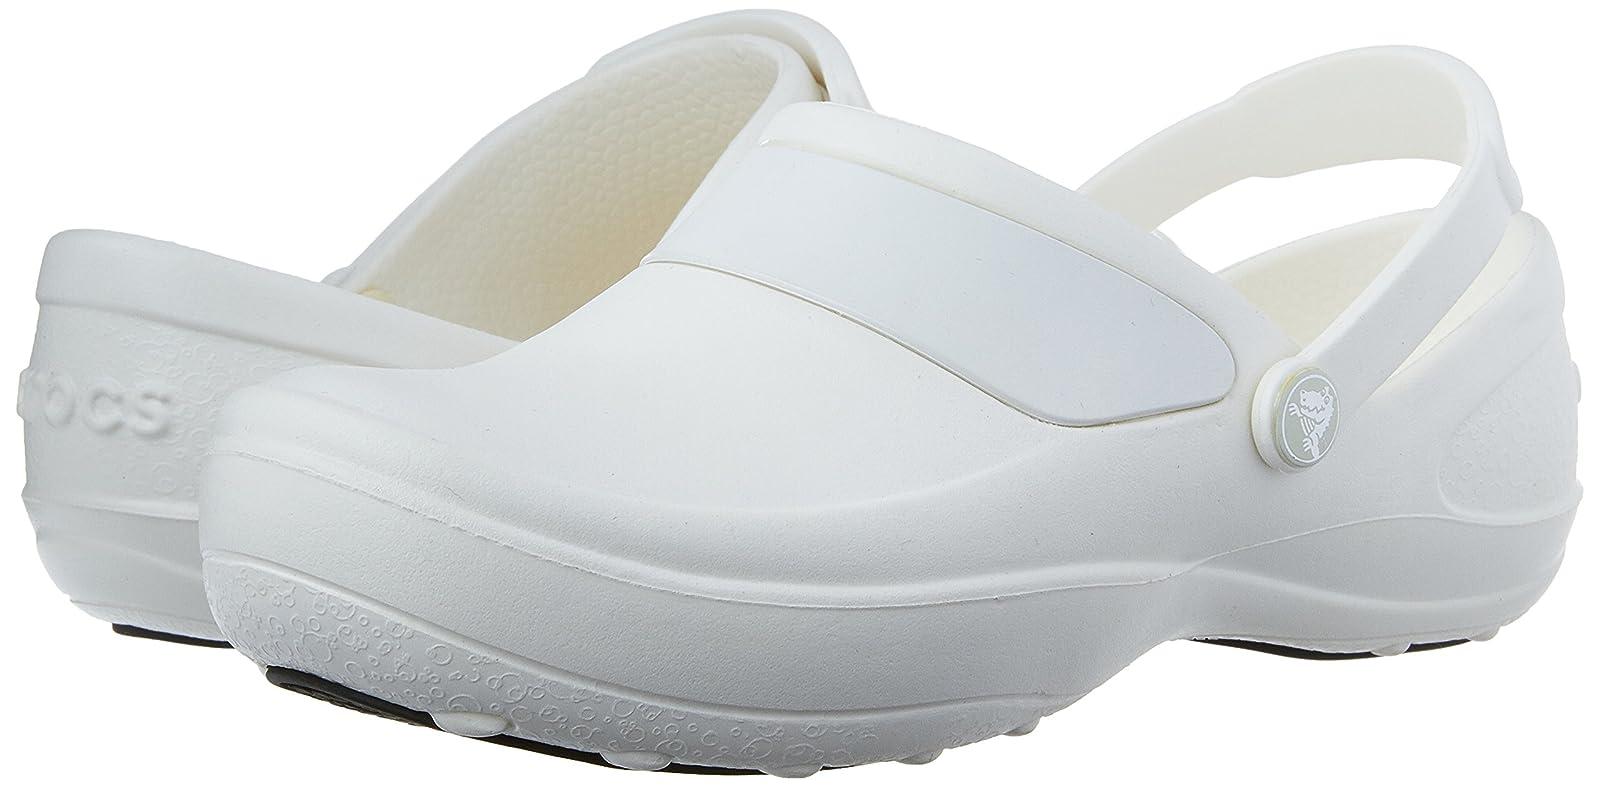 Crocs Women's Mercy Work Slip Resistant - 6